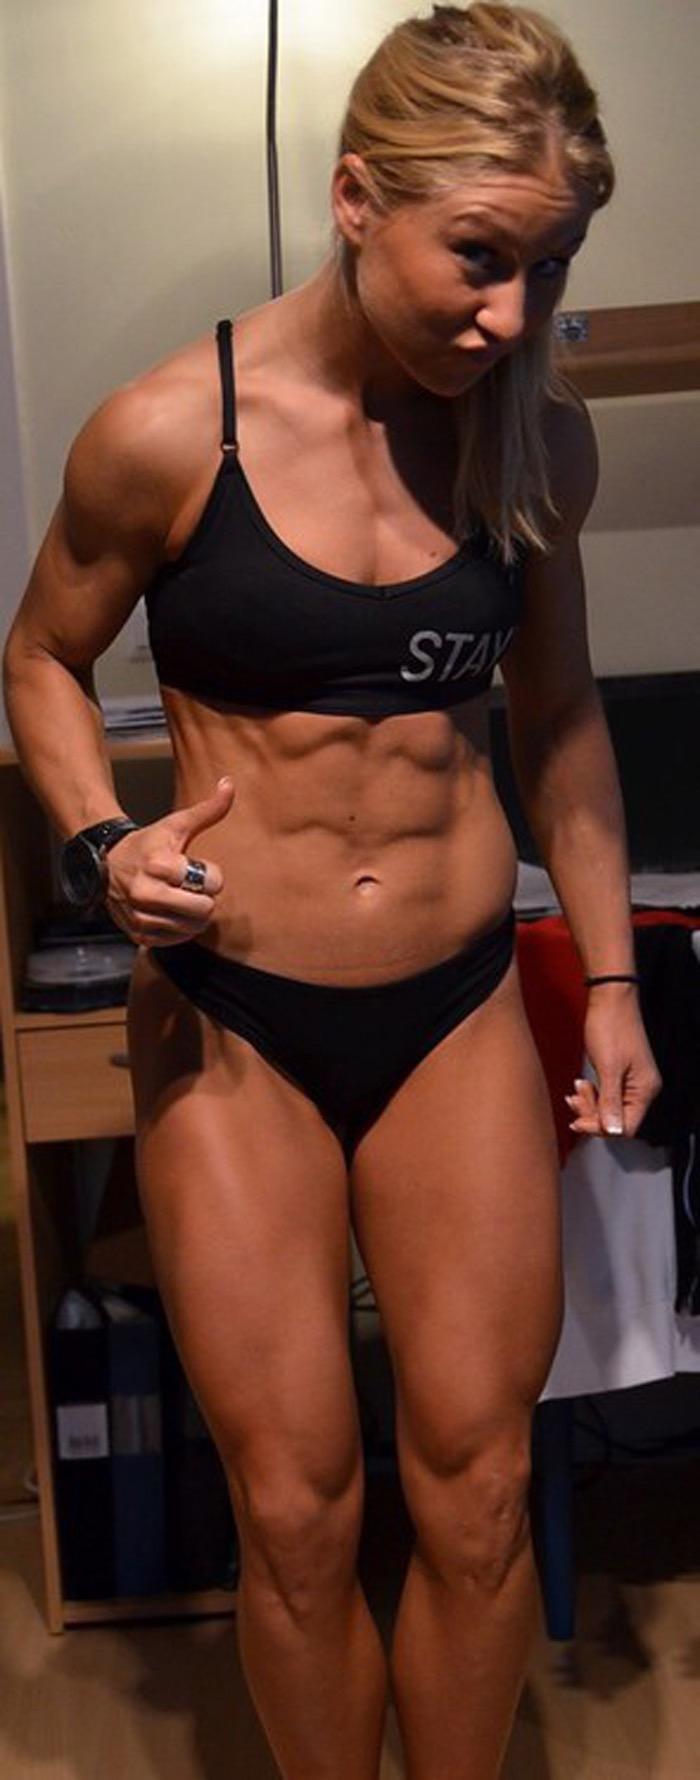 【腹筋エロ画像】セクシーな美女達の鍛え上げられた美しい腹筋がエロ過ぎてチンコ勃ったわwwww 59